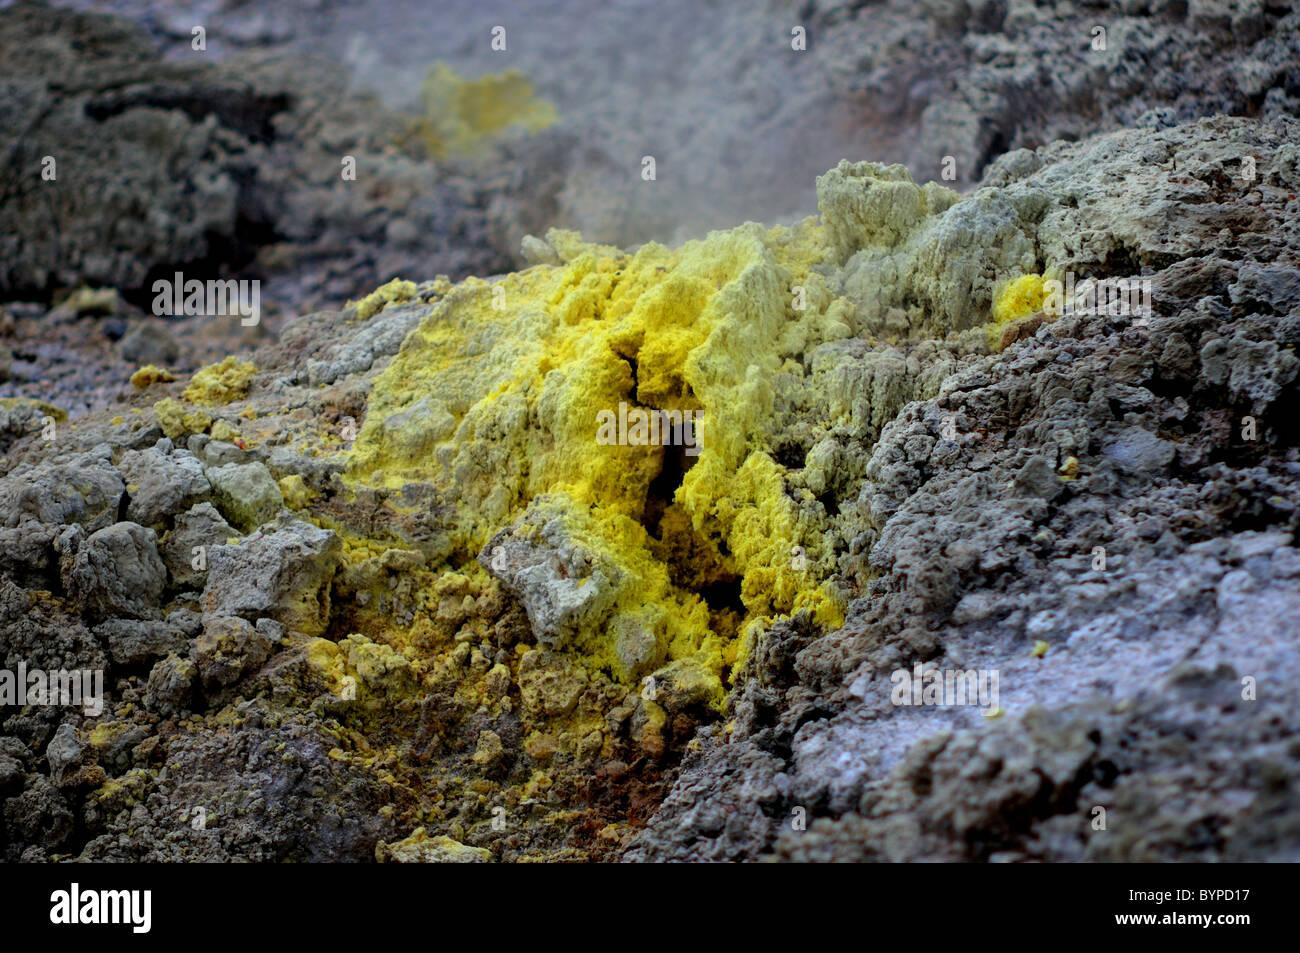 Los depósitos de azufre elemental en torno a respiraderos Wai-O-Tapu geotérmica región en Nueva Zelanda Imagen De Stock